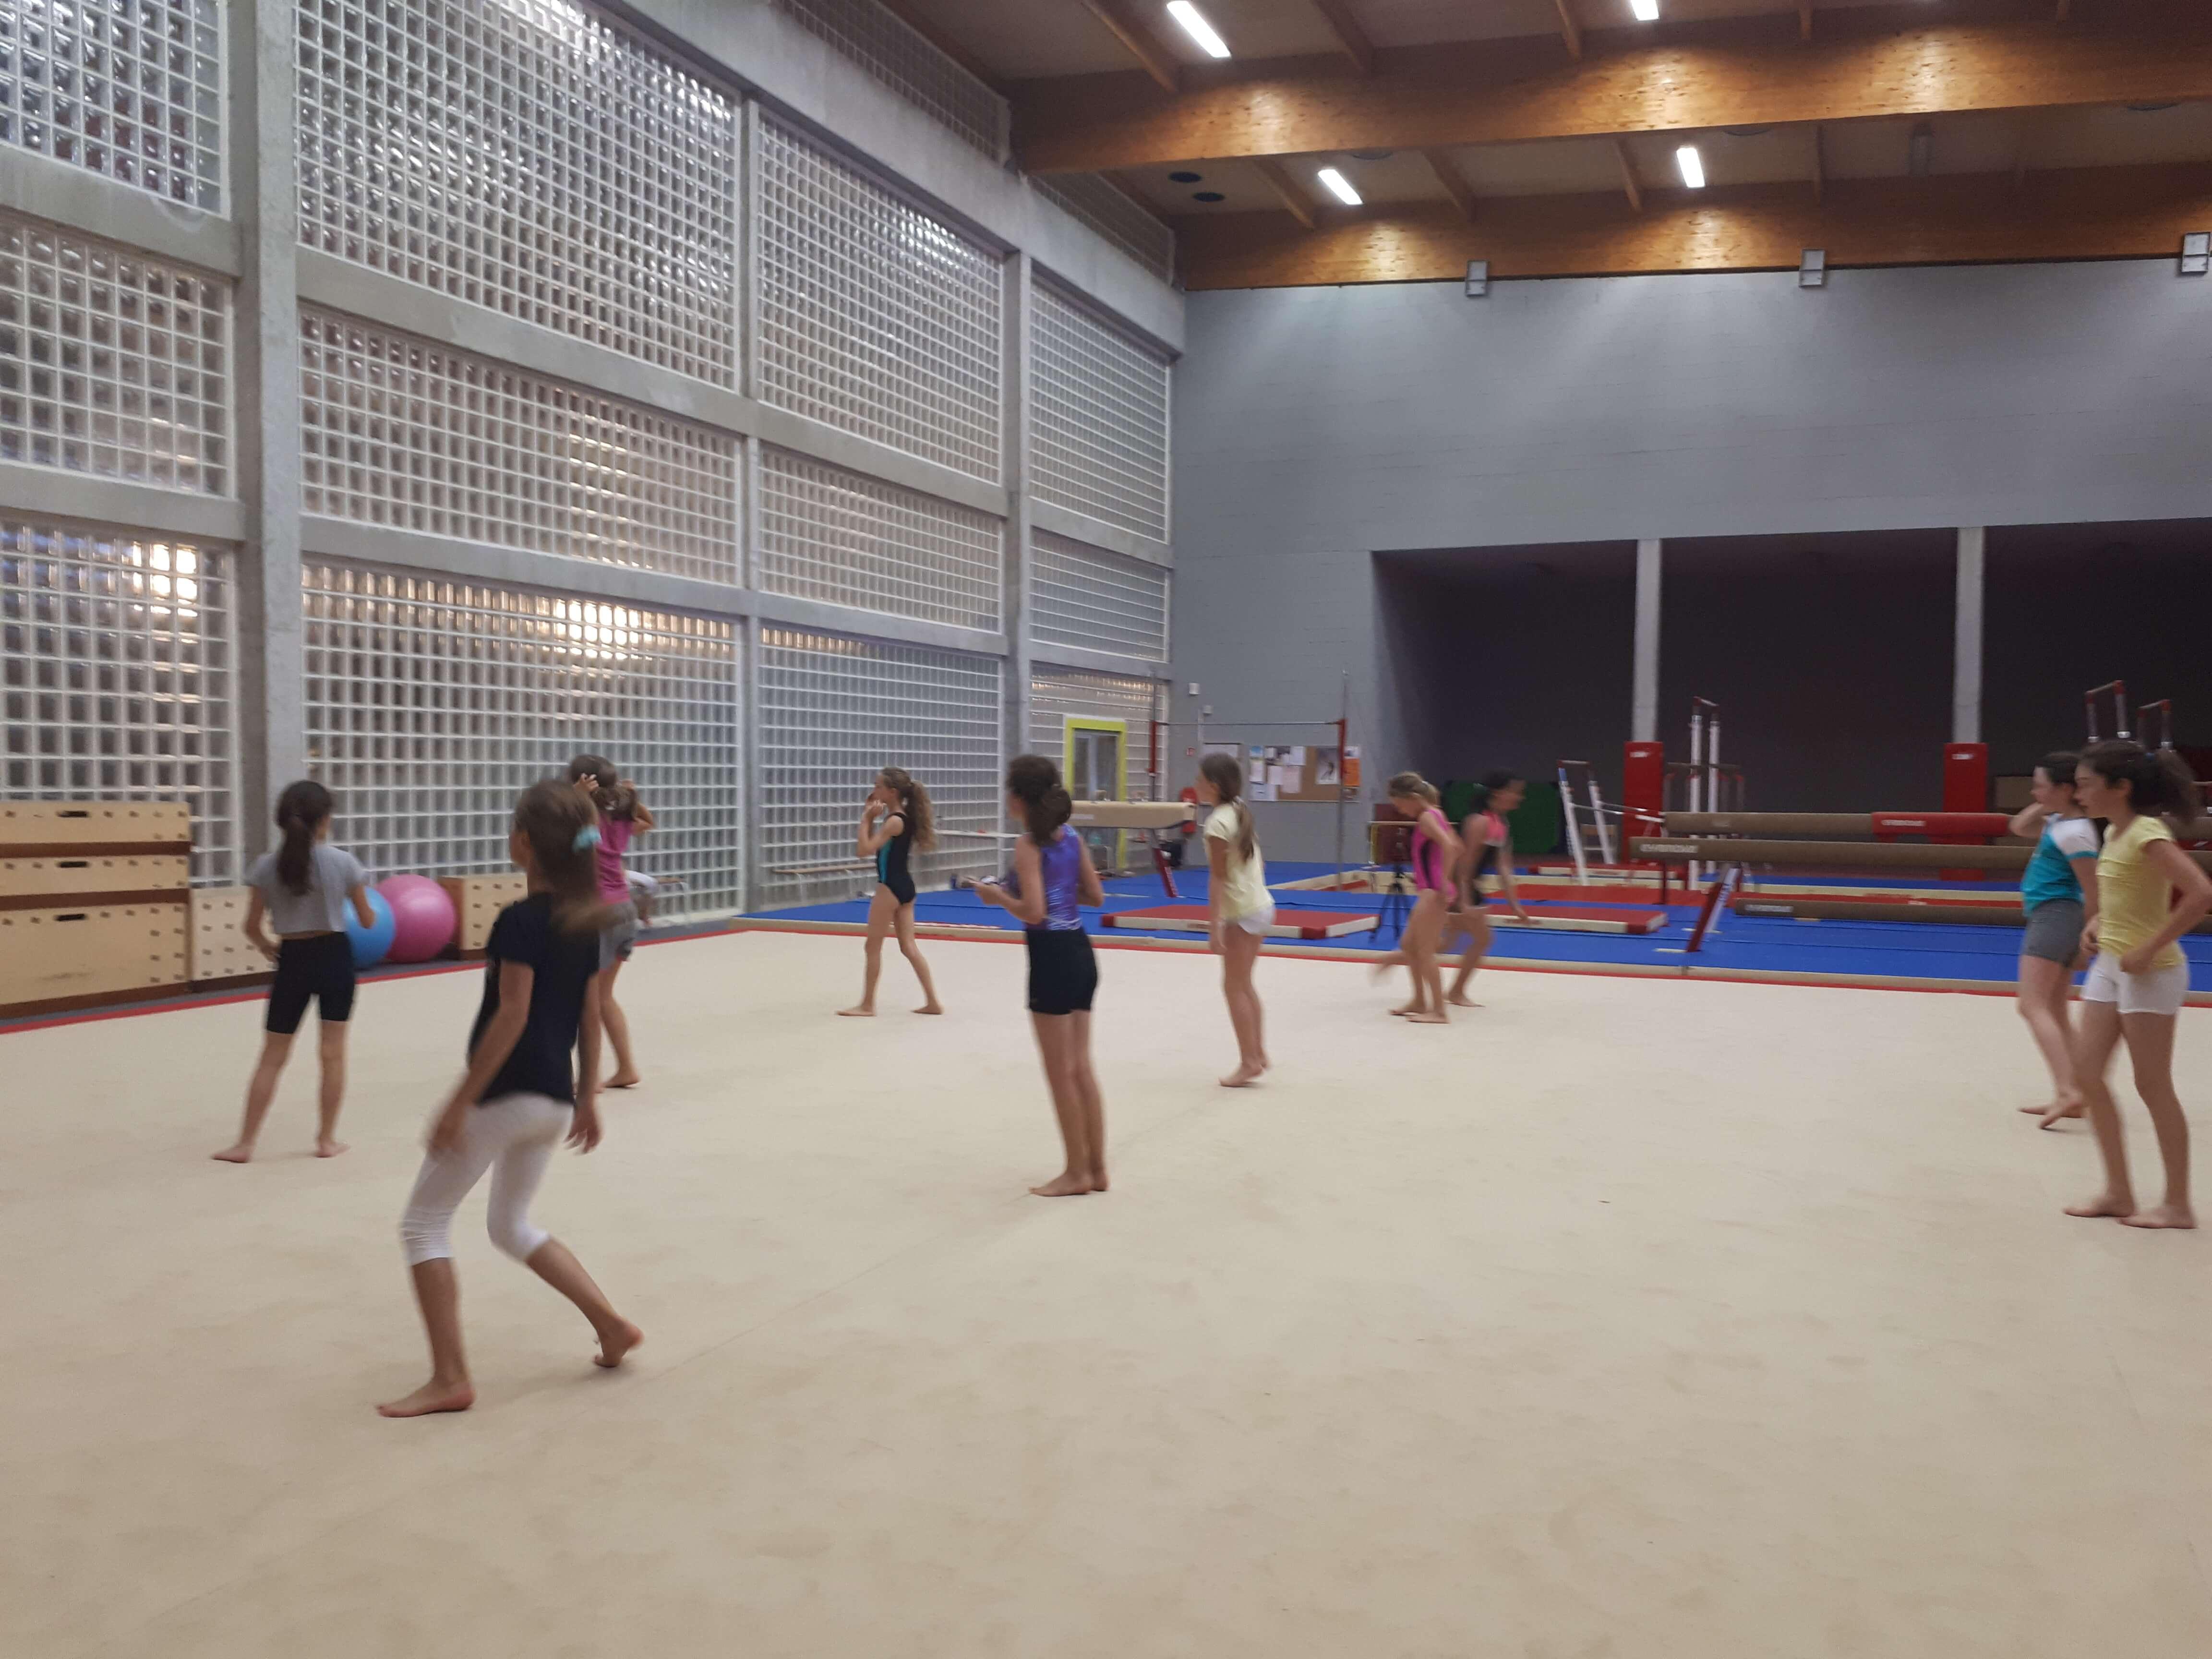 gymnastique centre sportif